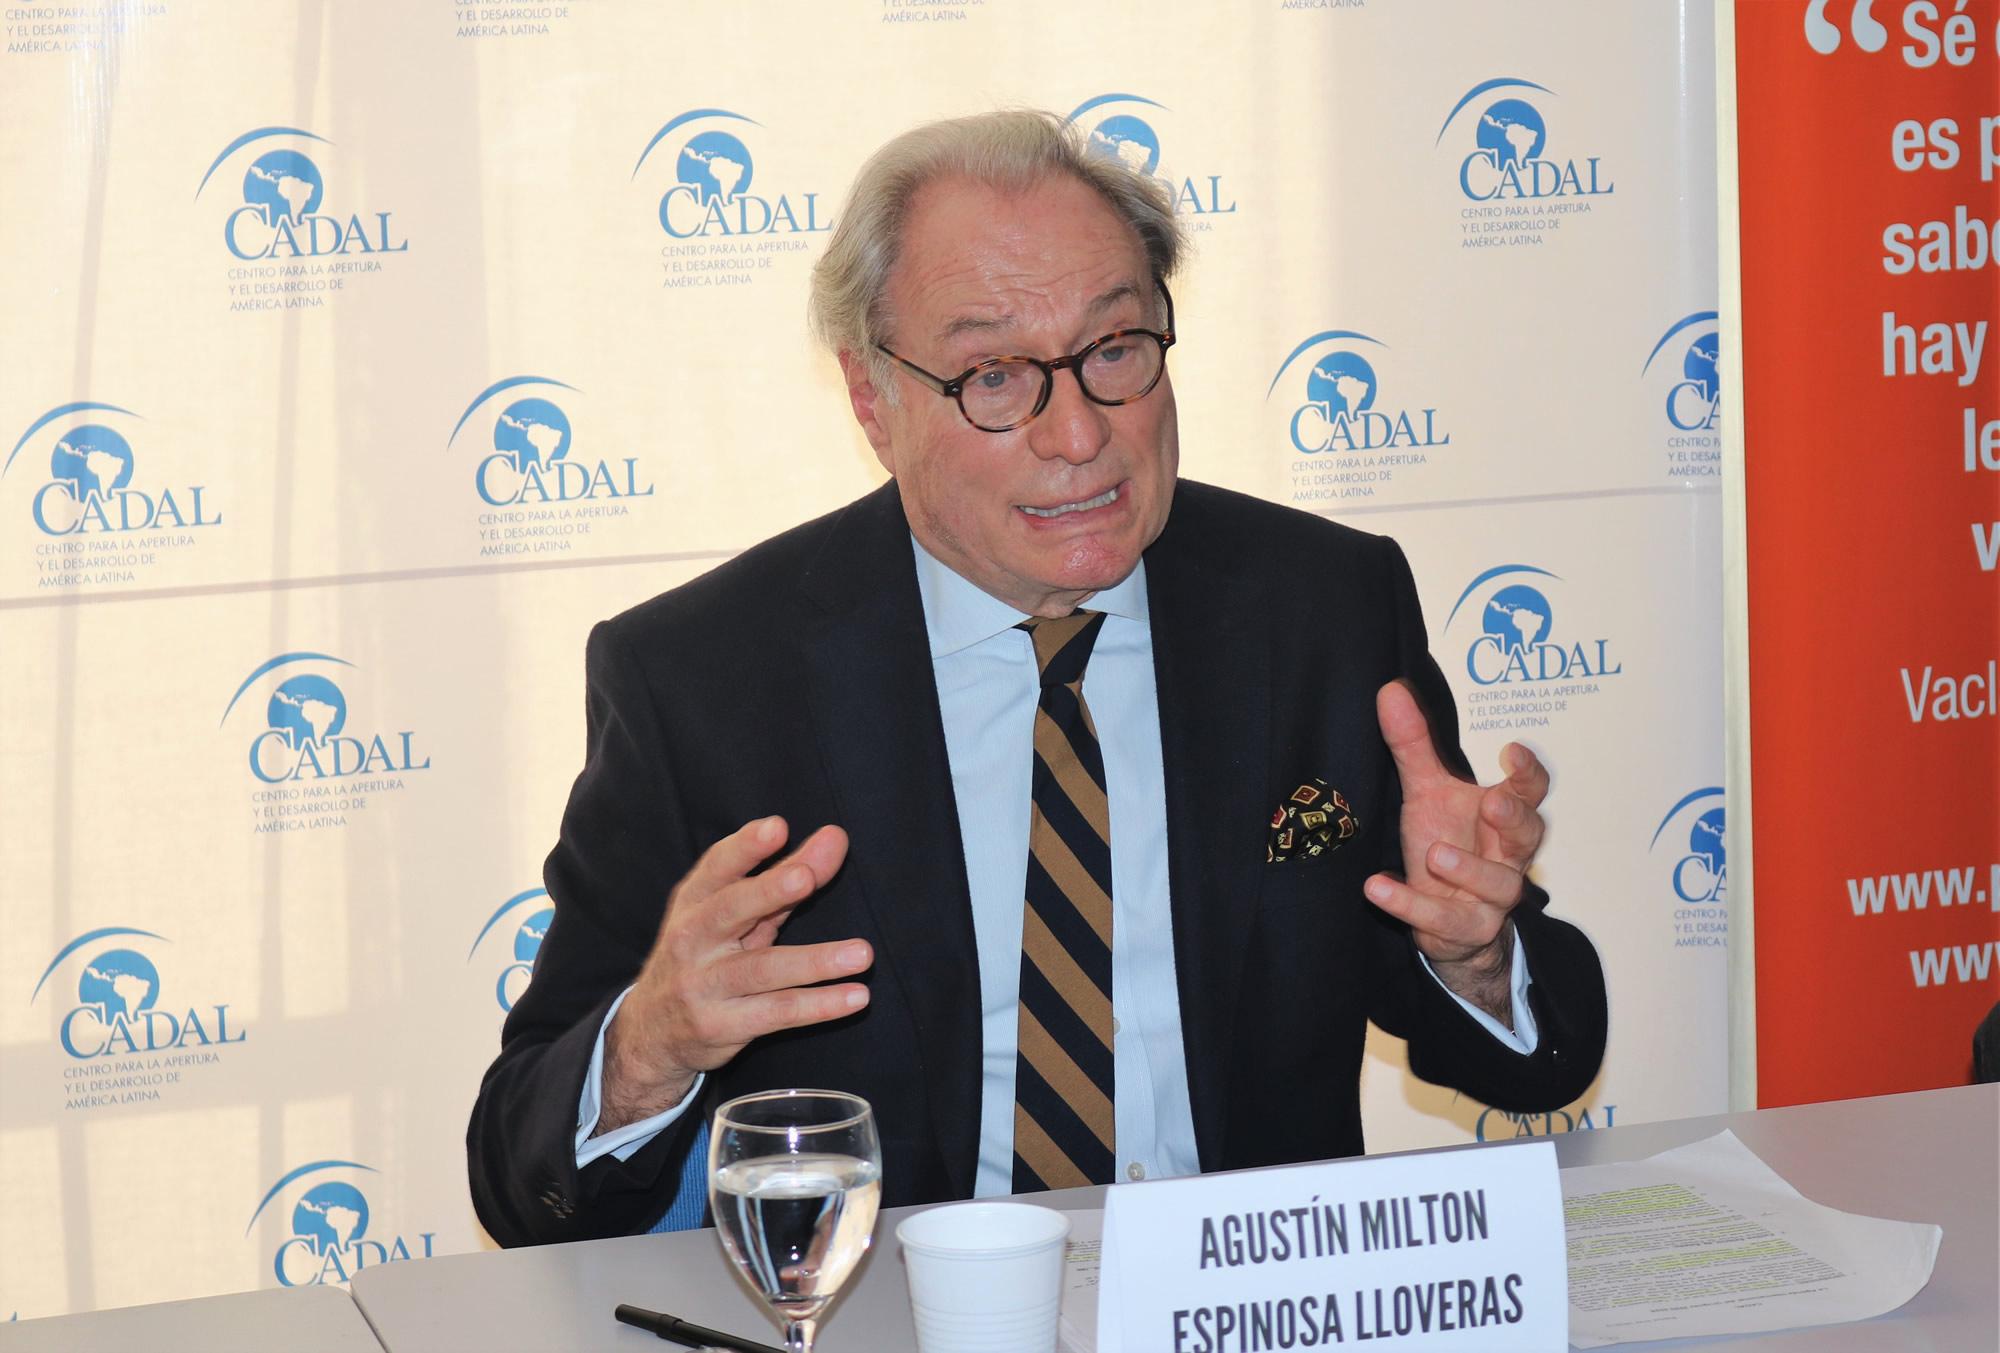 Agustin Espinosa Lloveras - Partico Colorado - Uruguay